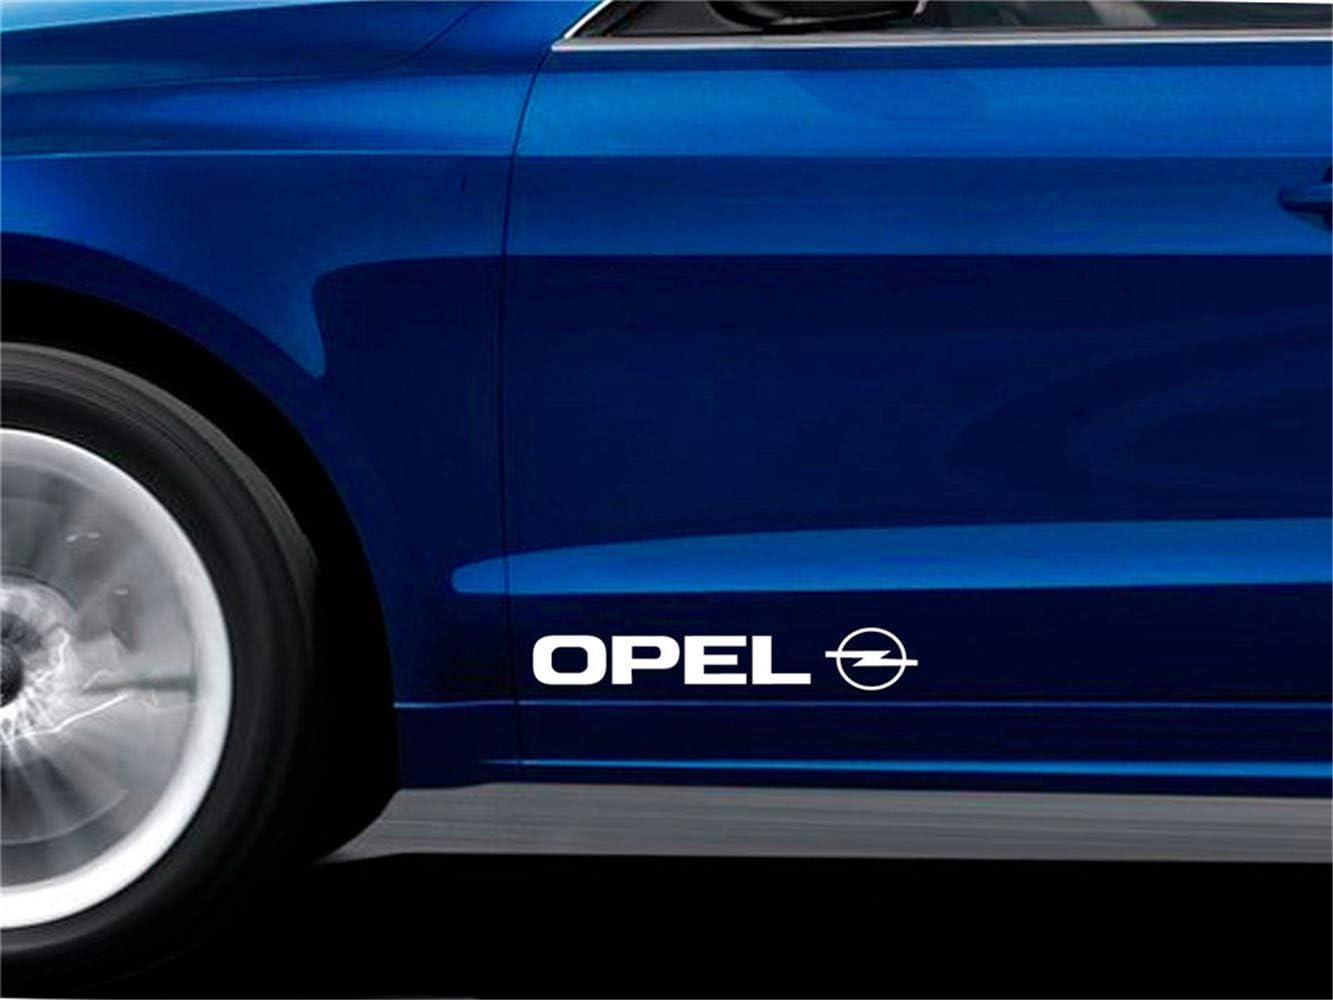 pegatina de pared frases Etiqueta del coche Etiqueta engomada del coche Pegatinas para puertas se adapta a la etiqueta del logotipo de emblema de Opel para etiqueta de coches